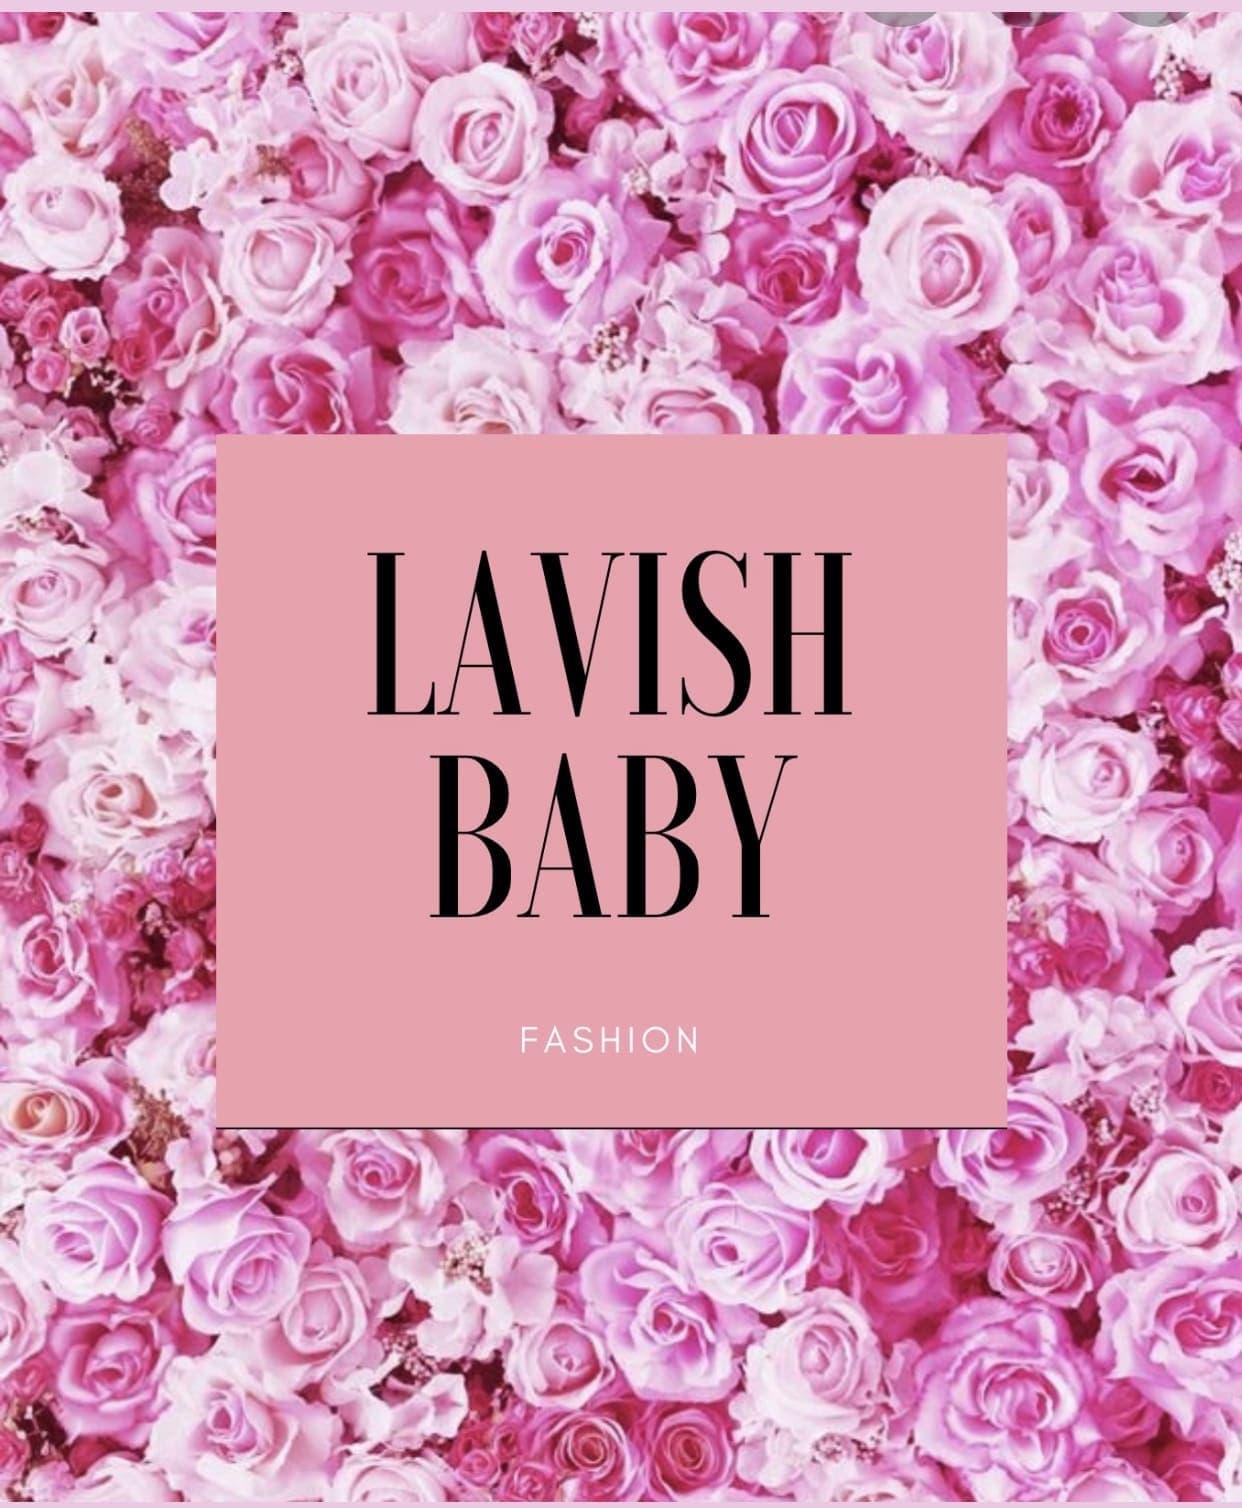 Lavish Baby